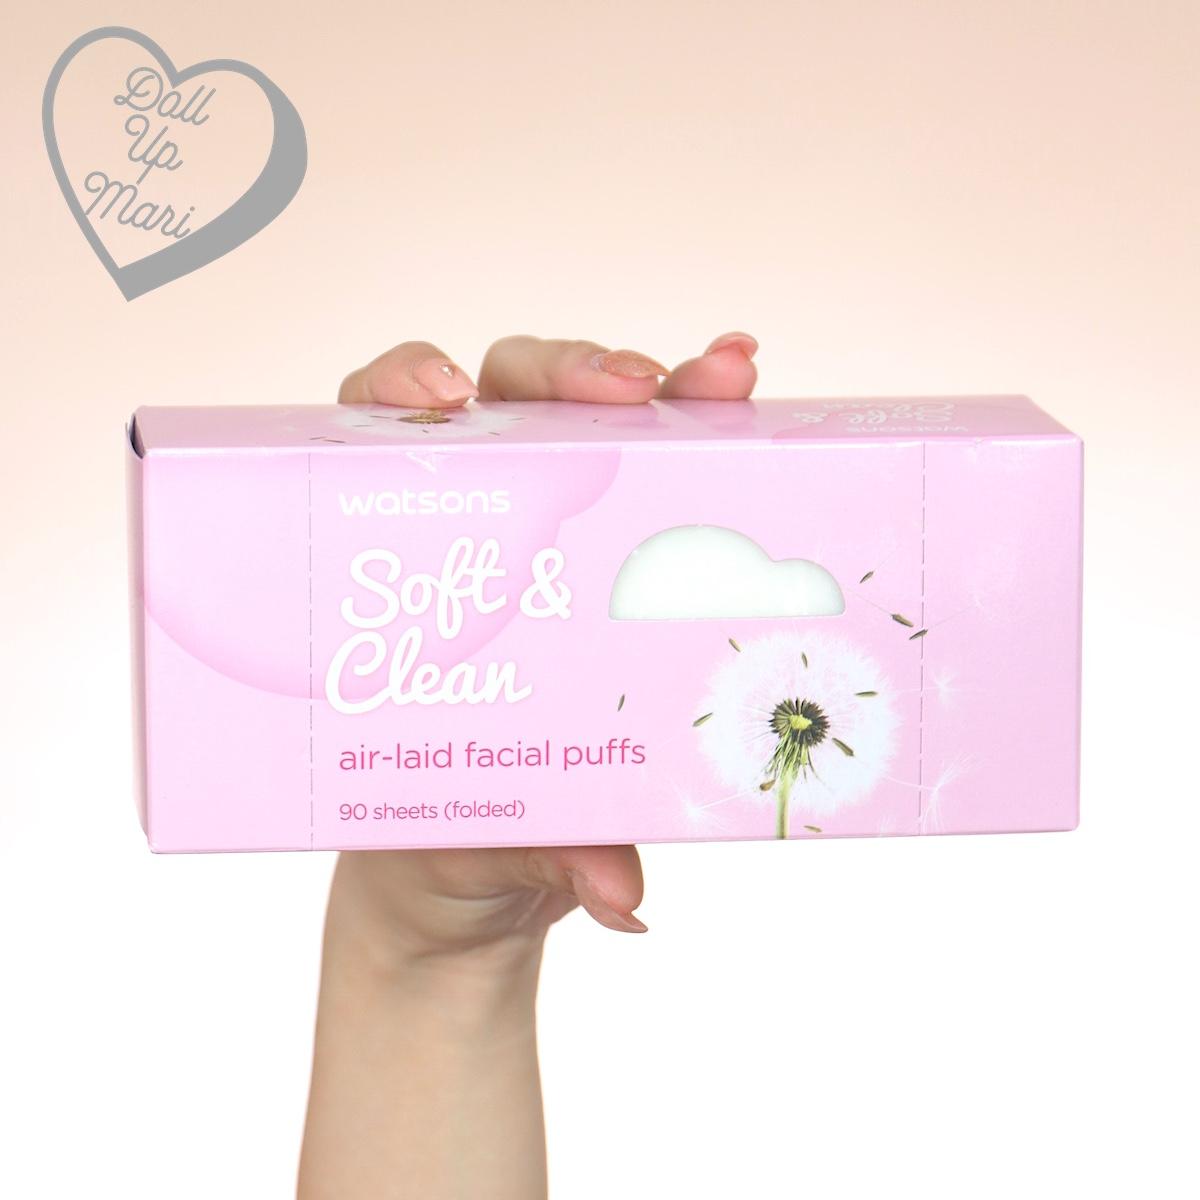 Watsons Soft & Clean Air Laid Puffs